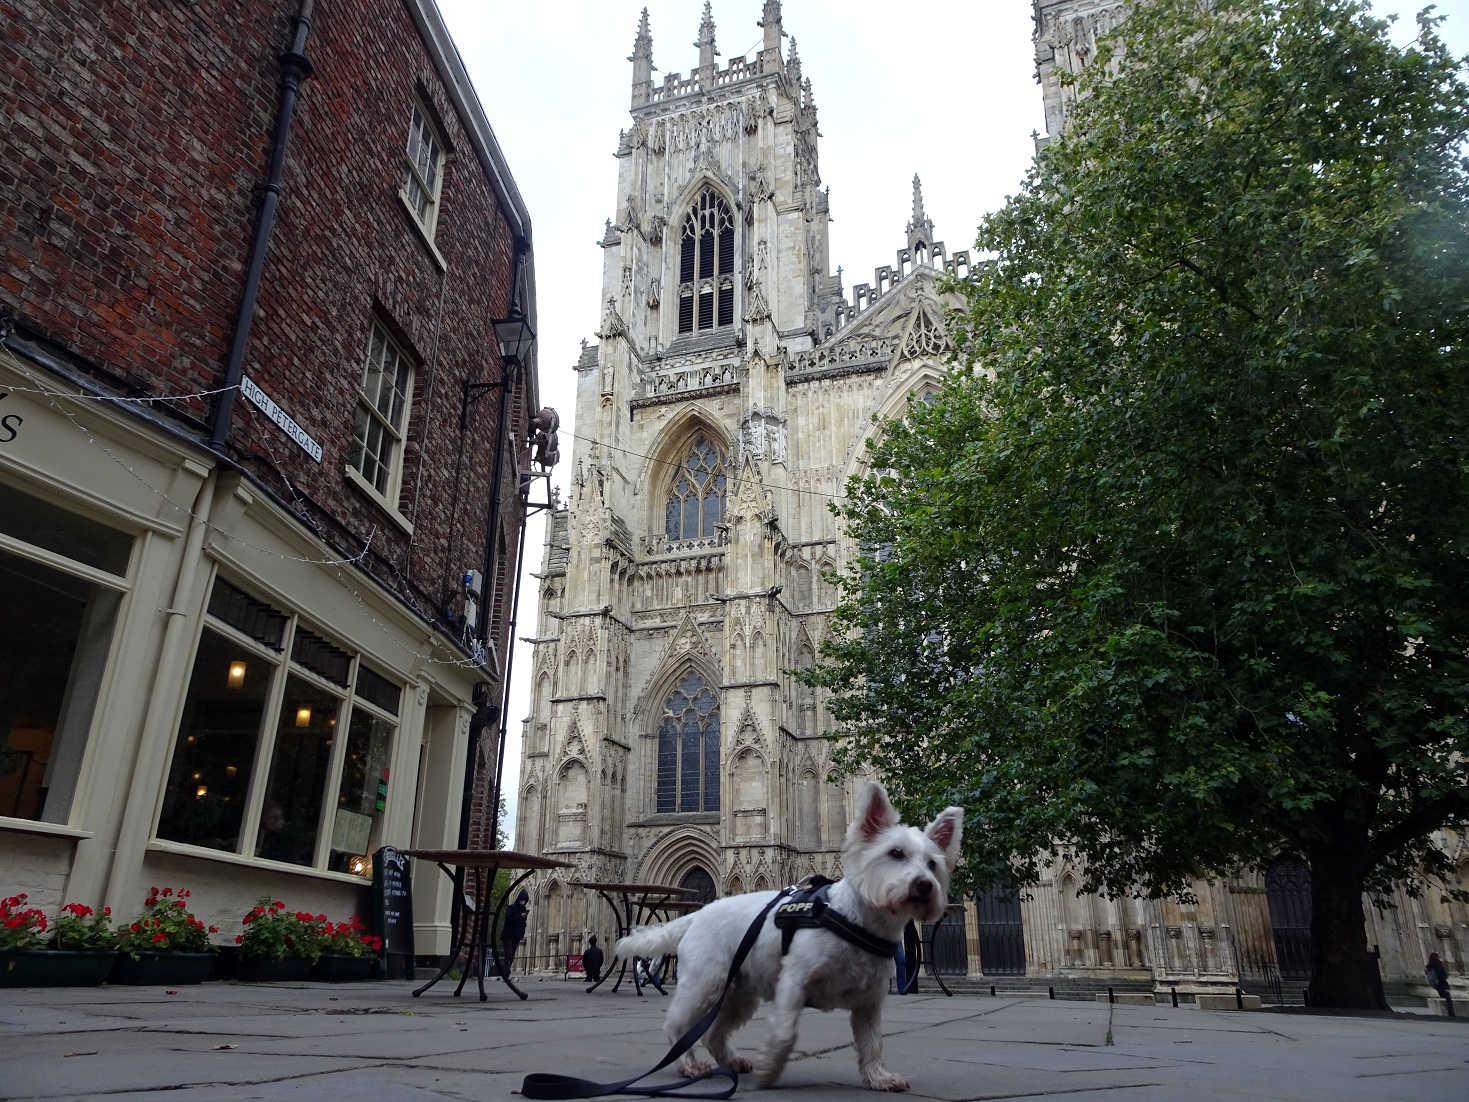 poppysocks in York